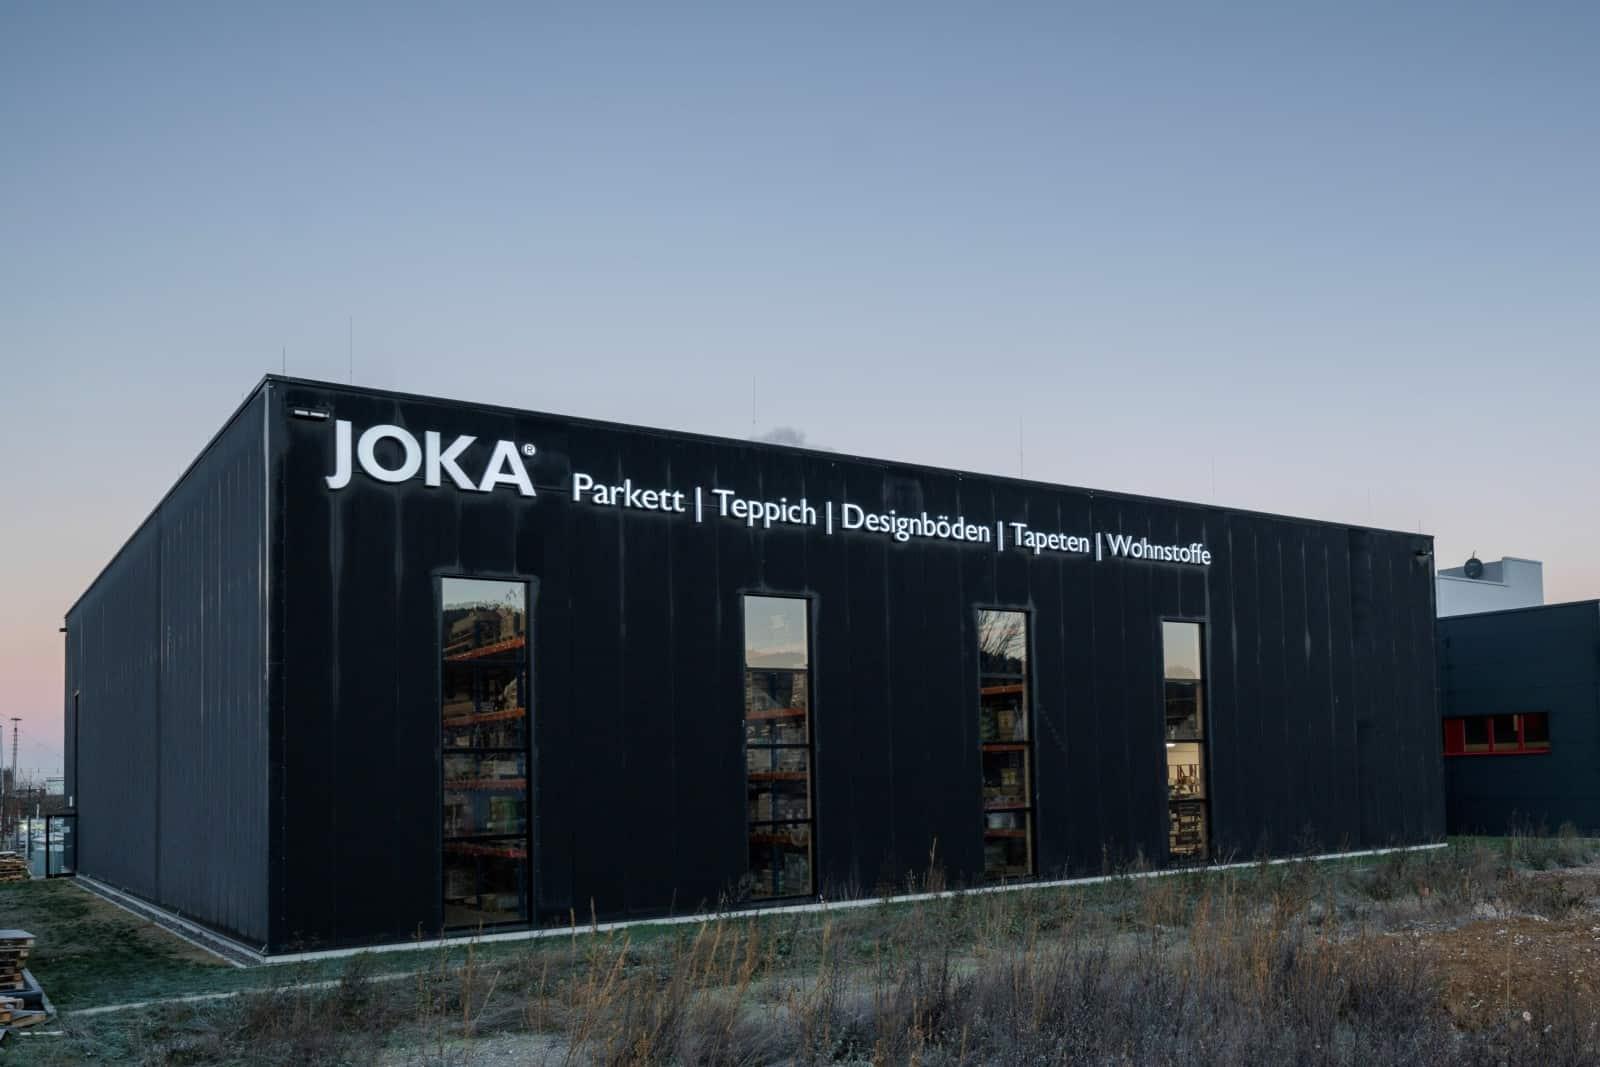 8-Joka_08_1